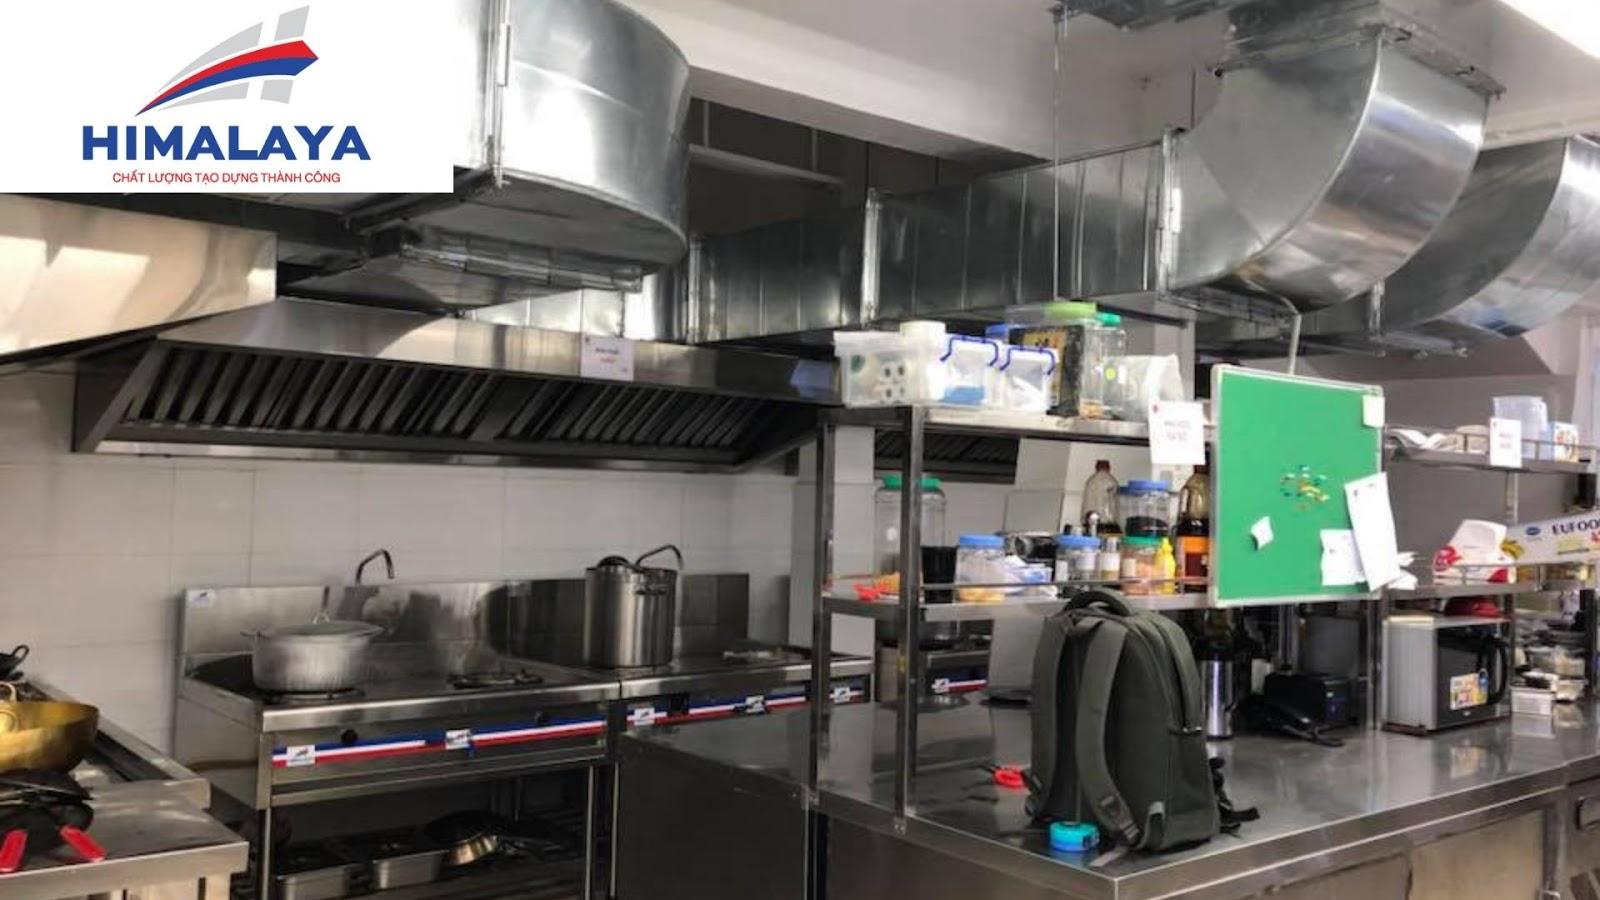 Những ý tưởng độc đáo cho bếp công nghiệp